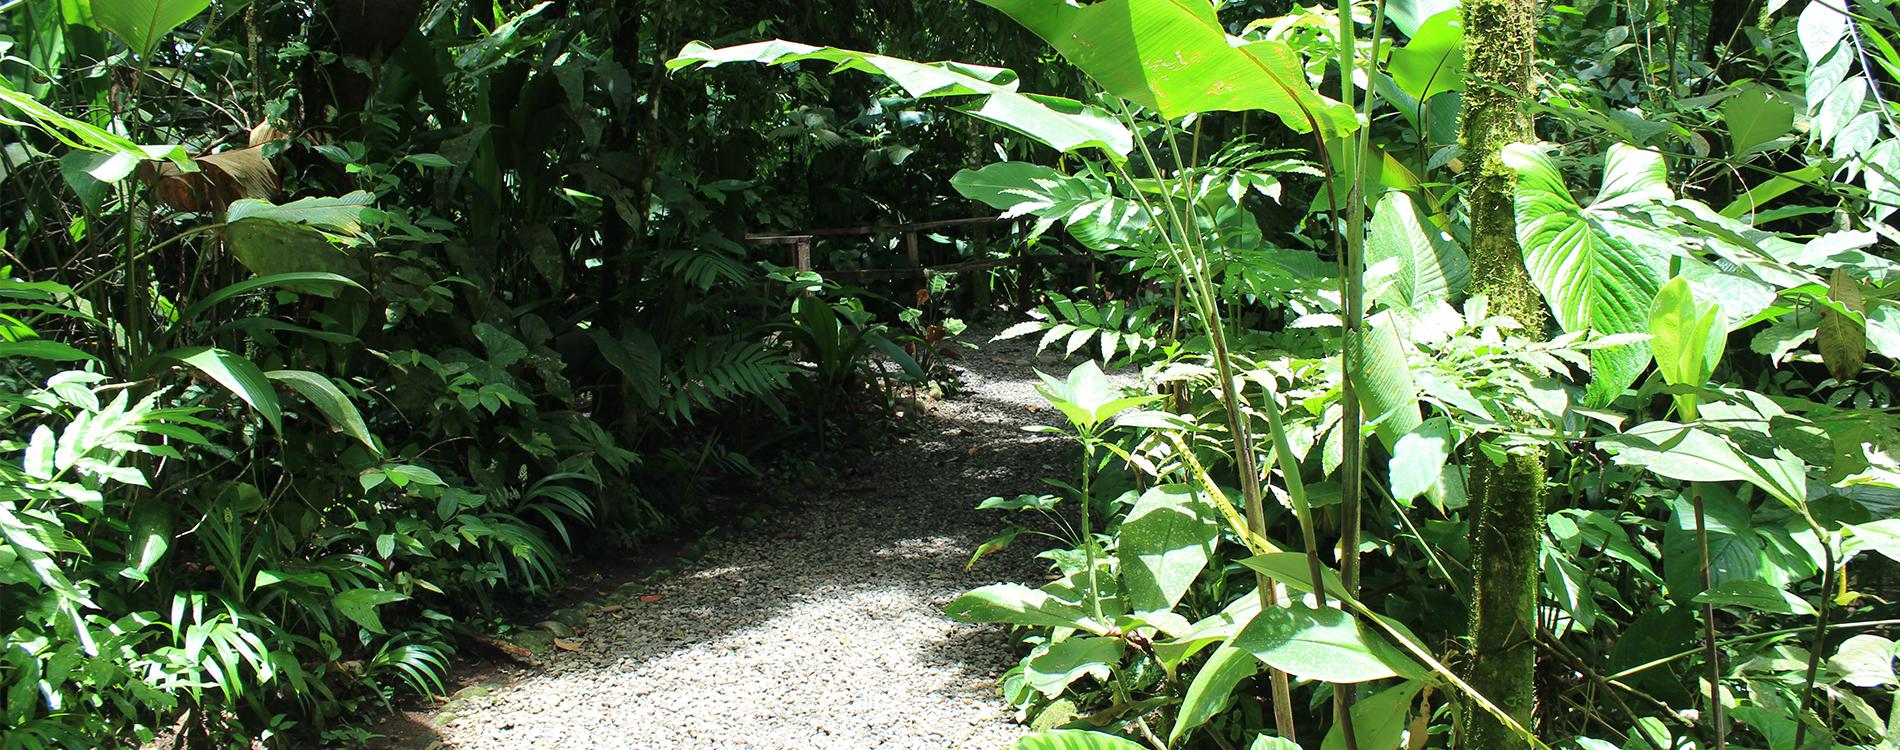 La Fortuna Costa Rica - 3 Ausflugstipps in und um La Fortuna